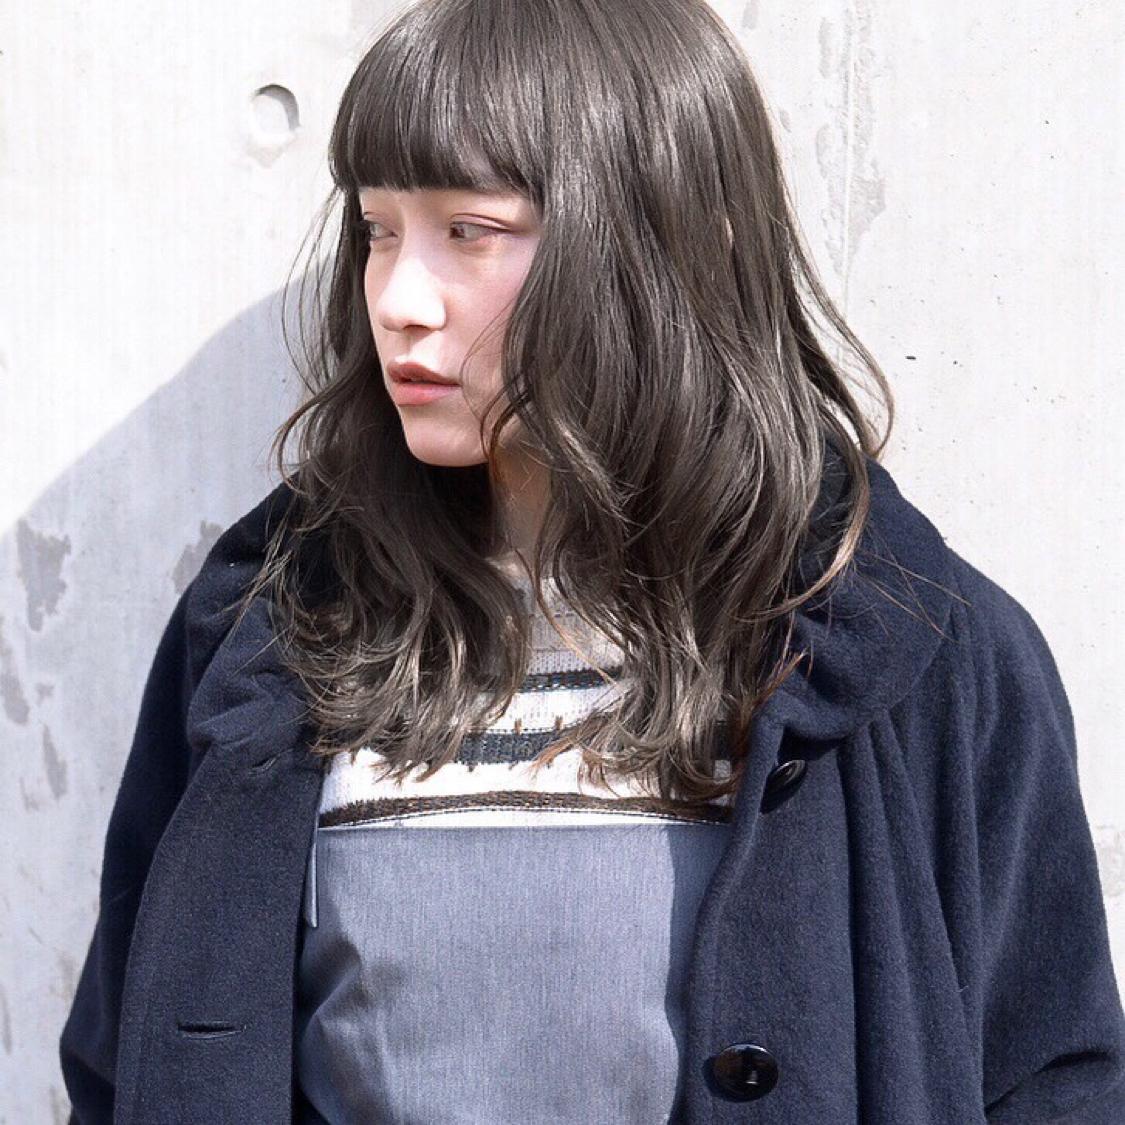 傷んだ髪に使いたい!タイプ別おすすめのトリートメント10選を紹介